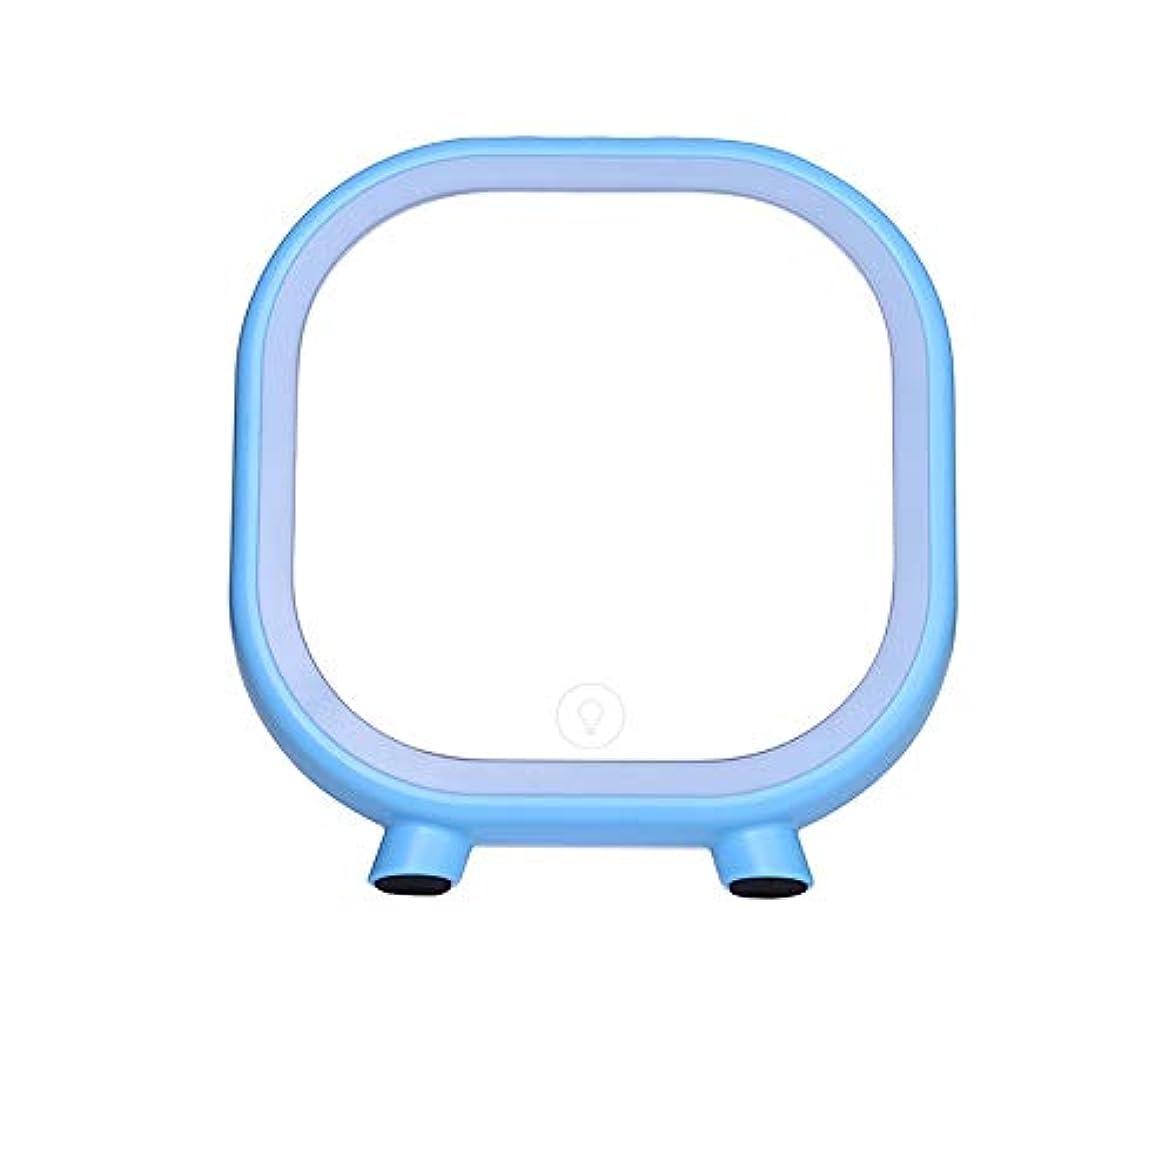 ギャザー主にログ流行の 創造的なLEDの薄いピンク/青い正方形のブルートゥースのスピーカーの化粧台/化粧鏡 (色 : Blue)